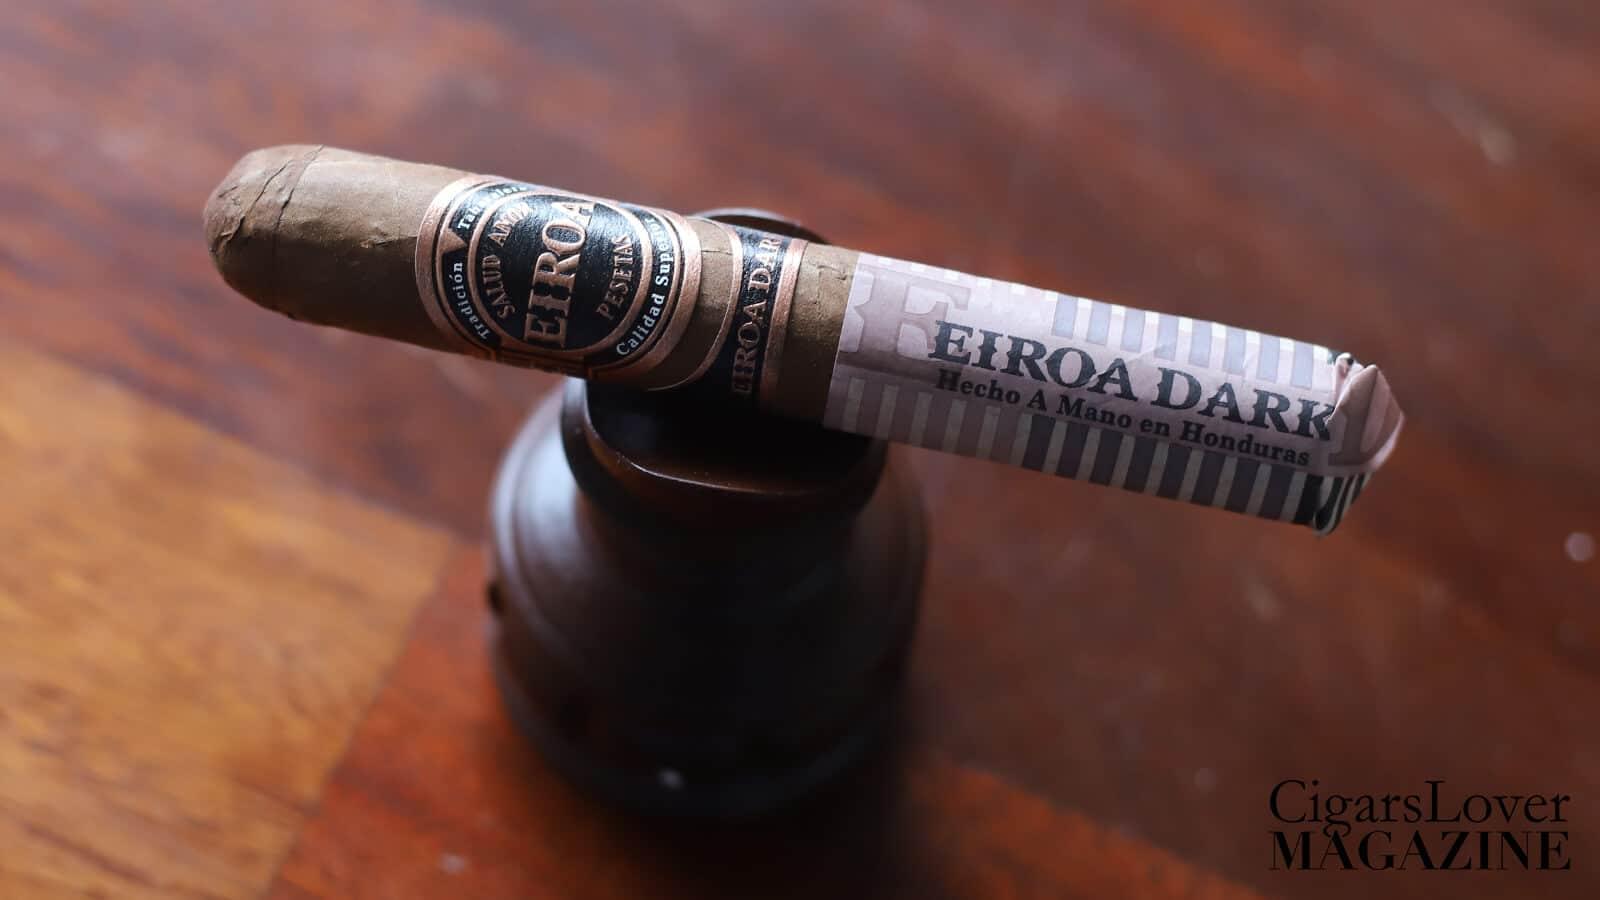 Eiroa Dark Robusto